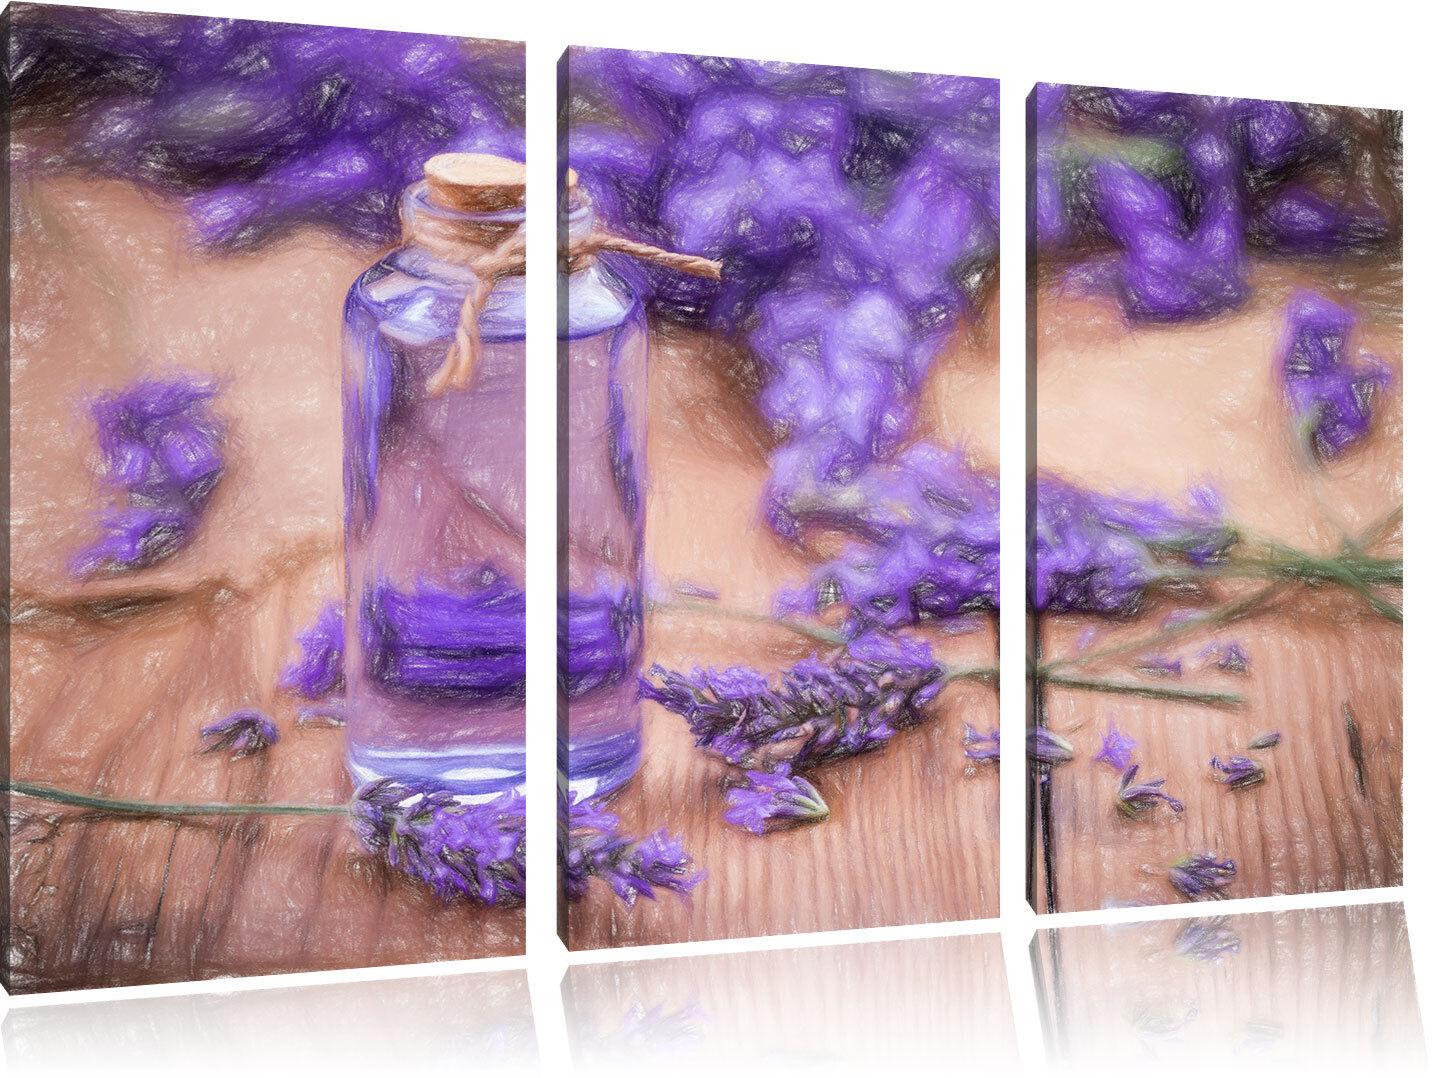 Fresco Flores de Lavanda Arte Efecto Varilla Colorida Efecto Arte 3-Teiler Foto en Lienzo 9fe9c5